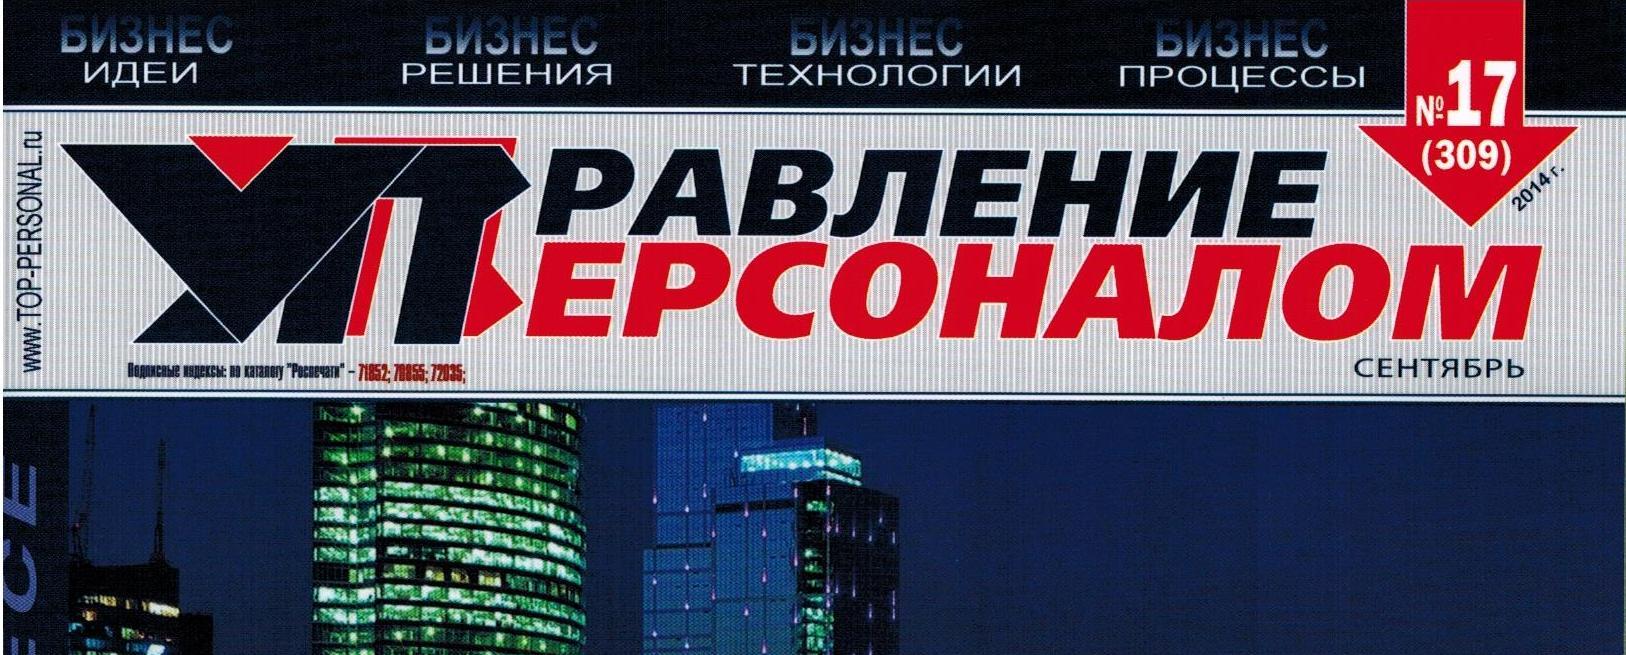 <a href=&quot;http://preint.ru/novosti-upravlenie-personalom/&quot; target=&quot;_blank&quot;>Интервью в журнале &quot;Управление Персоналом&quot;</a>